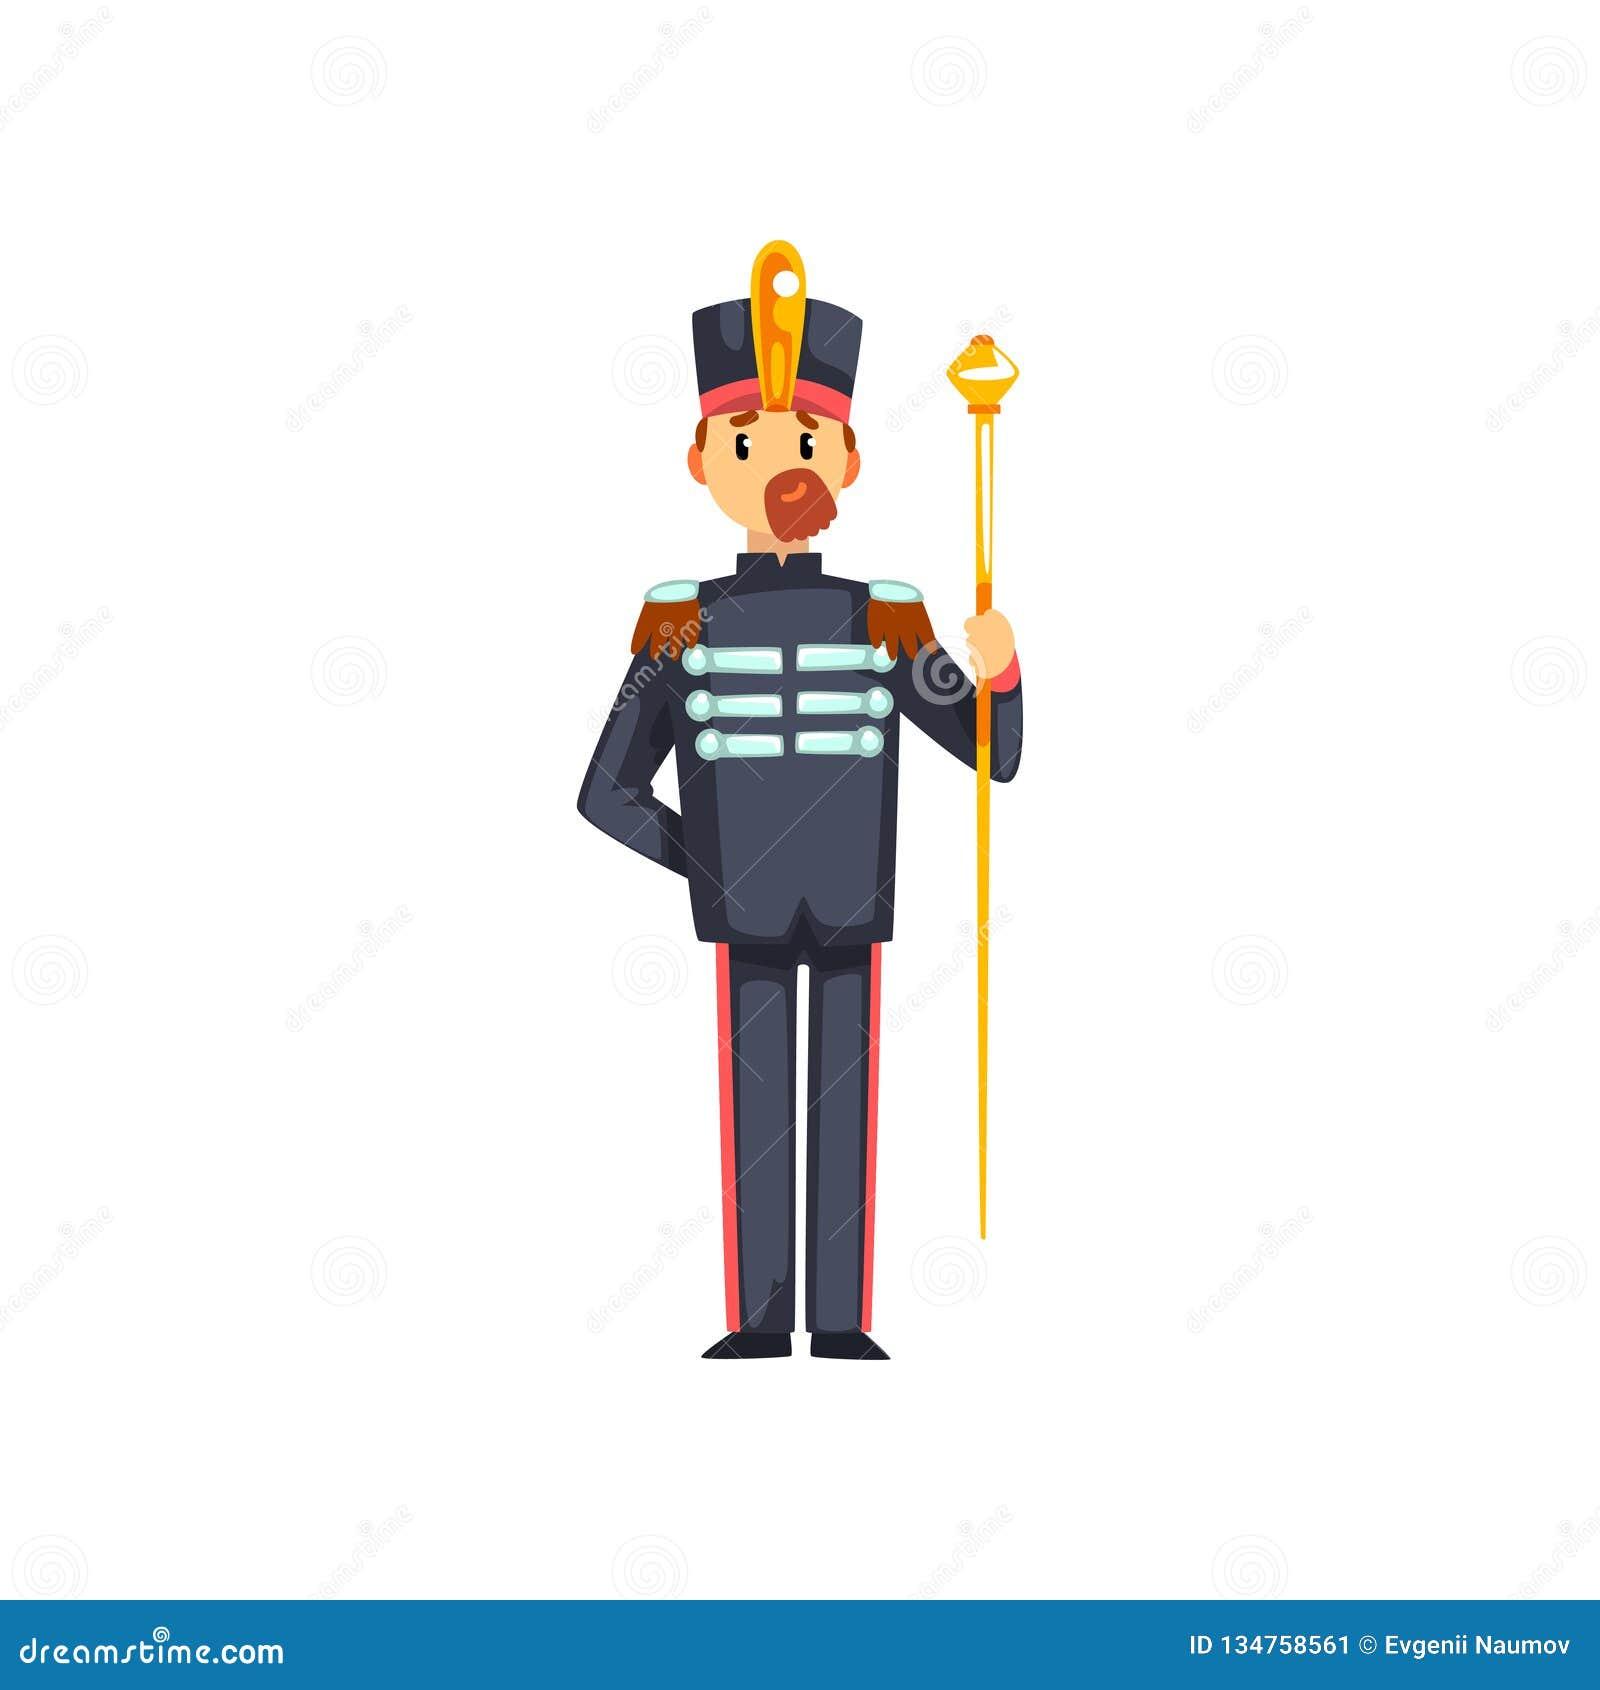 Maestro musical com vestíbulo, membro do soldado da ilustração do vetor da faixa militar do exército em um fundo branco